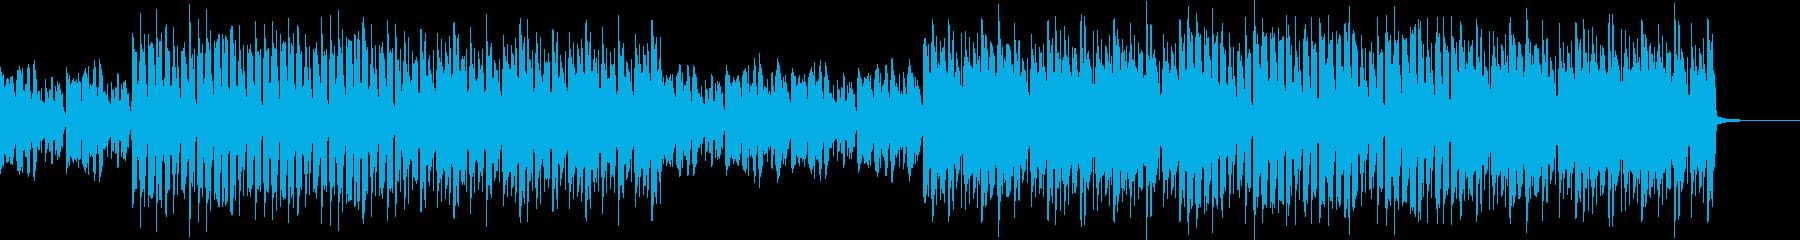 おしゃれ・クール・EDM・ハウス14の再生済みの波形